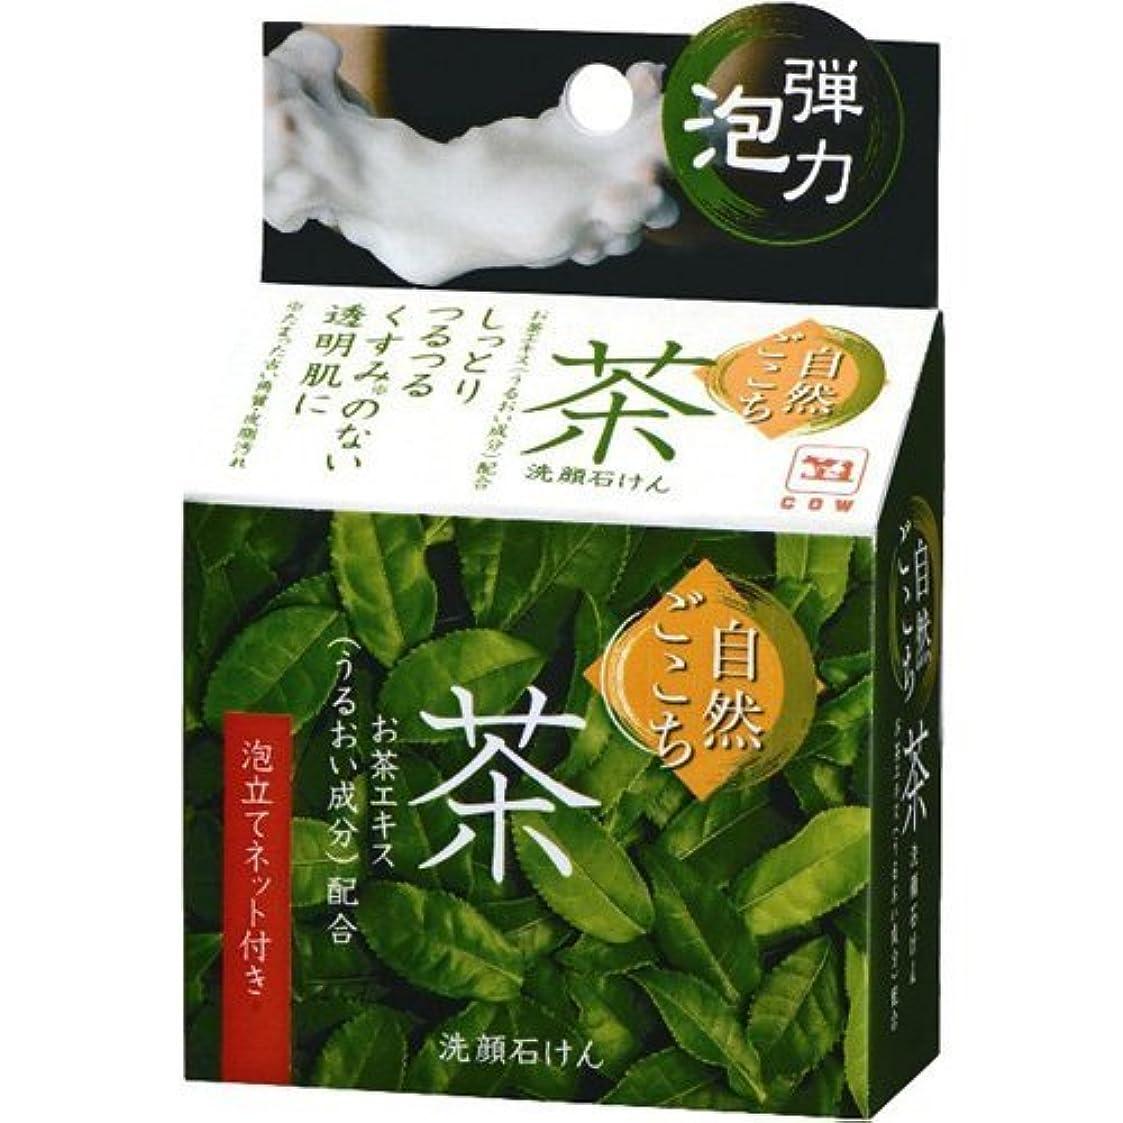 サドル疼痛侵入する自然ごこち 茶 洗顔石けん 80g x 5個セット